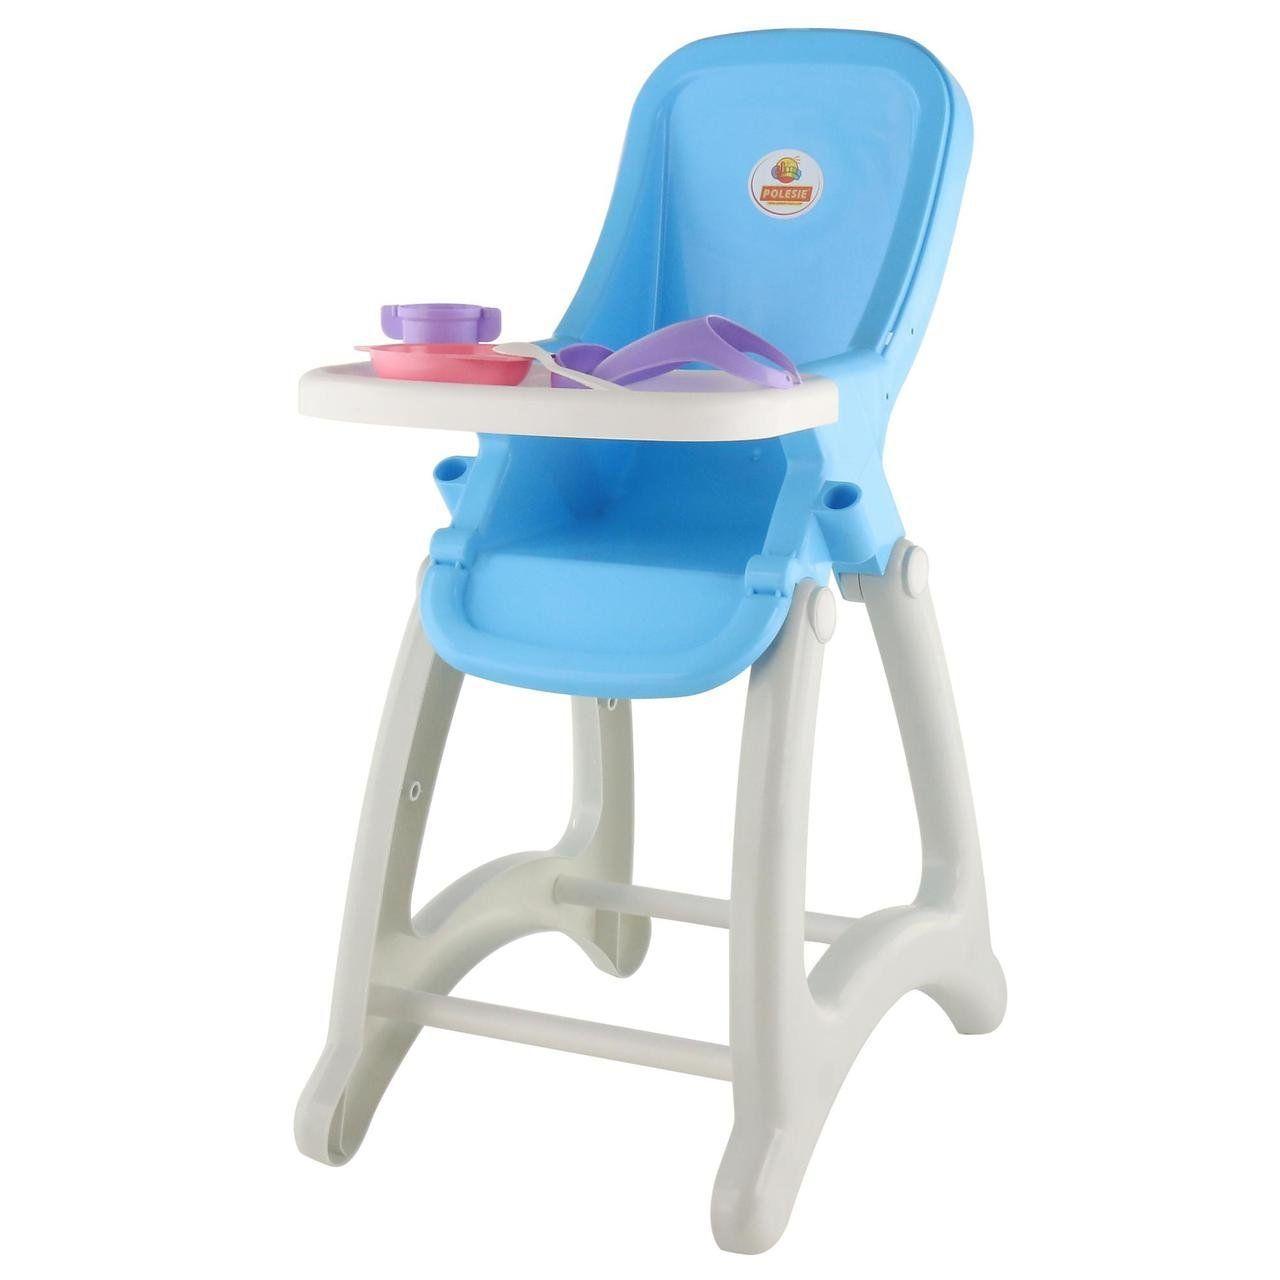 """Игровой набор Polesie стульчик для кукол """"Беби"""" голубой (48004-1)"""